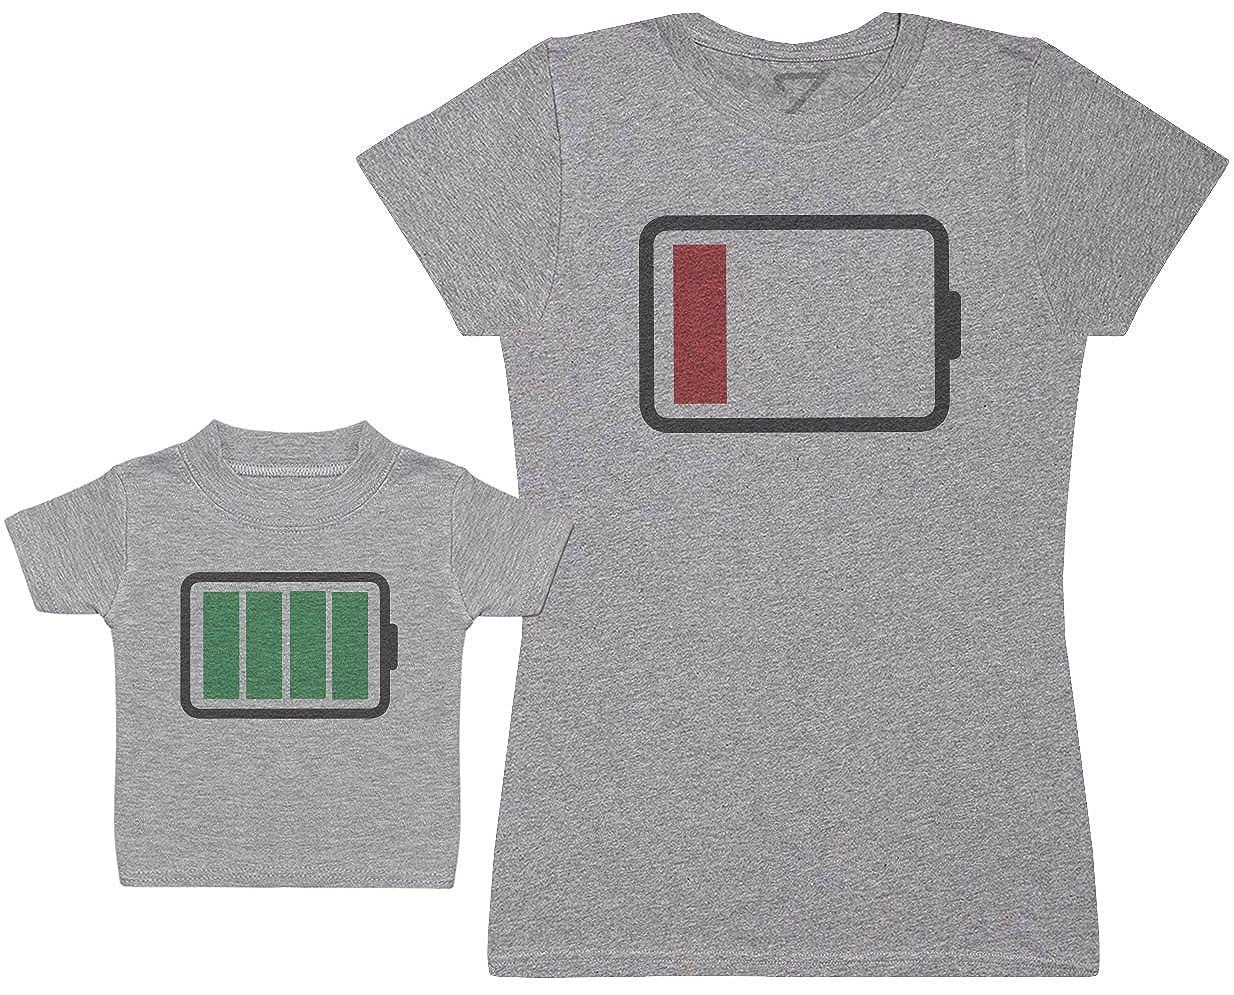 Full and Low Battery Damen T-Shirt /& Baby T Shirt Passende Mutter Baby Geschenk Set